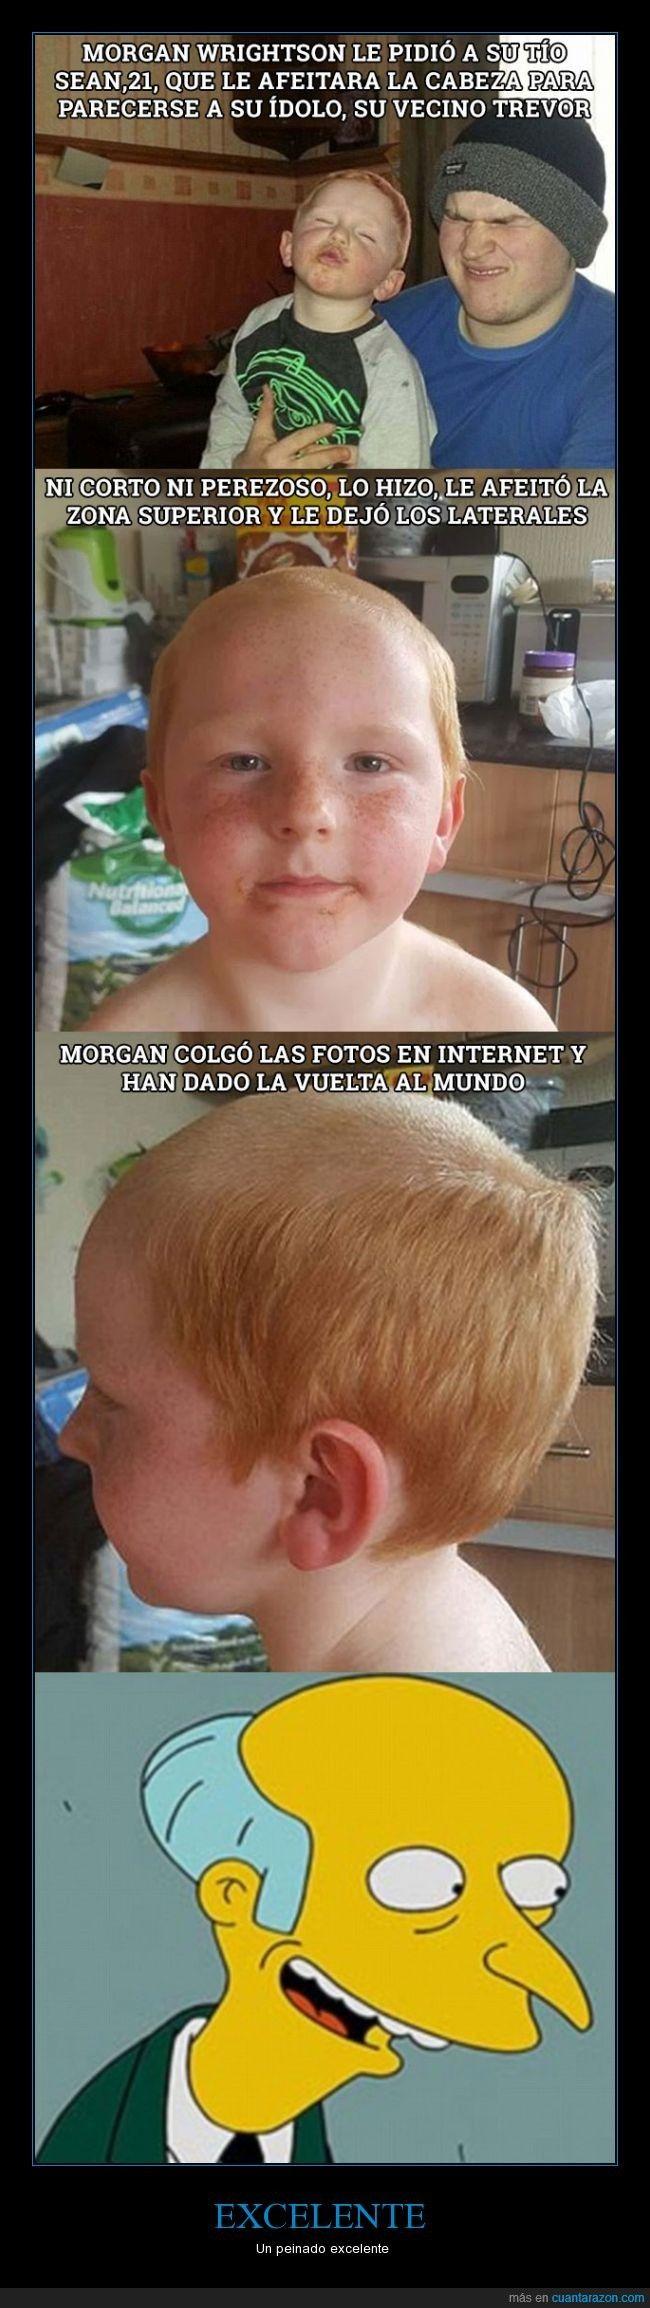 Niño de 5 años pide un peinado que le hace parecerse al Sr Burns - Un peinado excelente   Gracias a http://www.cuantarazon.com/   Si quieres leer la noticia completa visita: http://www.estoy-aburrido.com/nino-de-5-anos-pide-un-peinado-que-le-hace-parecerse-al-sr-burns-un-peinado-excelente/